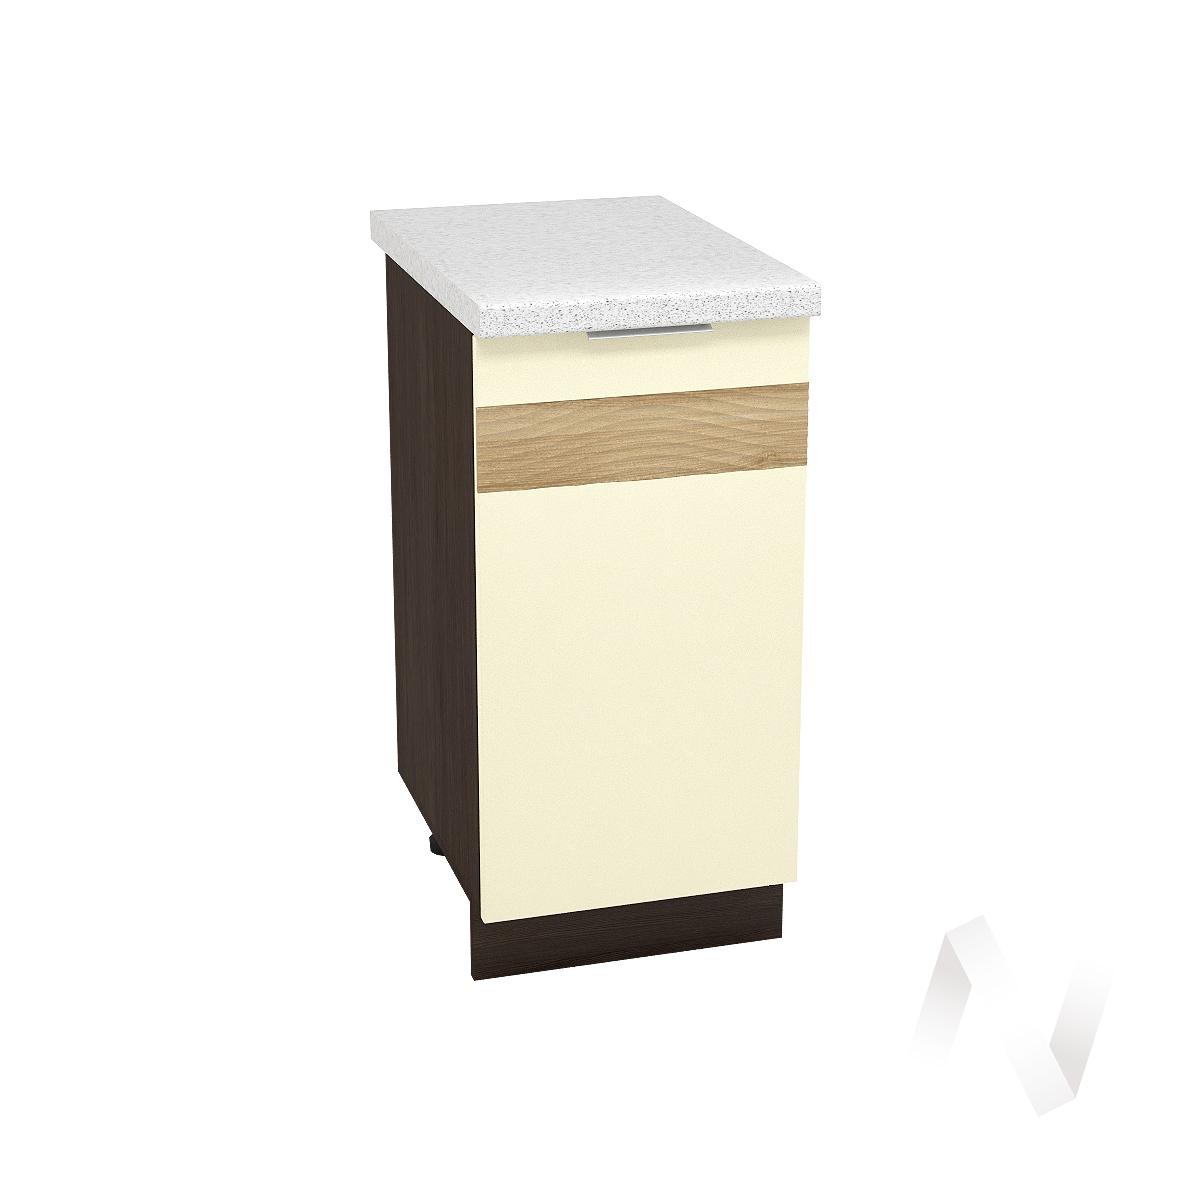 """Кухня """"Терра"""": Шкаф нижний правый 400, ШН 400 (ваниль софт/корпус венге)"""